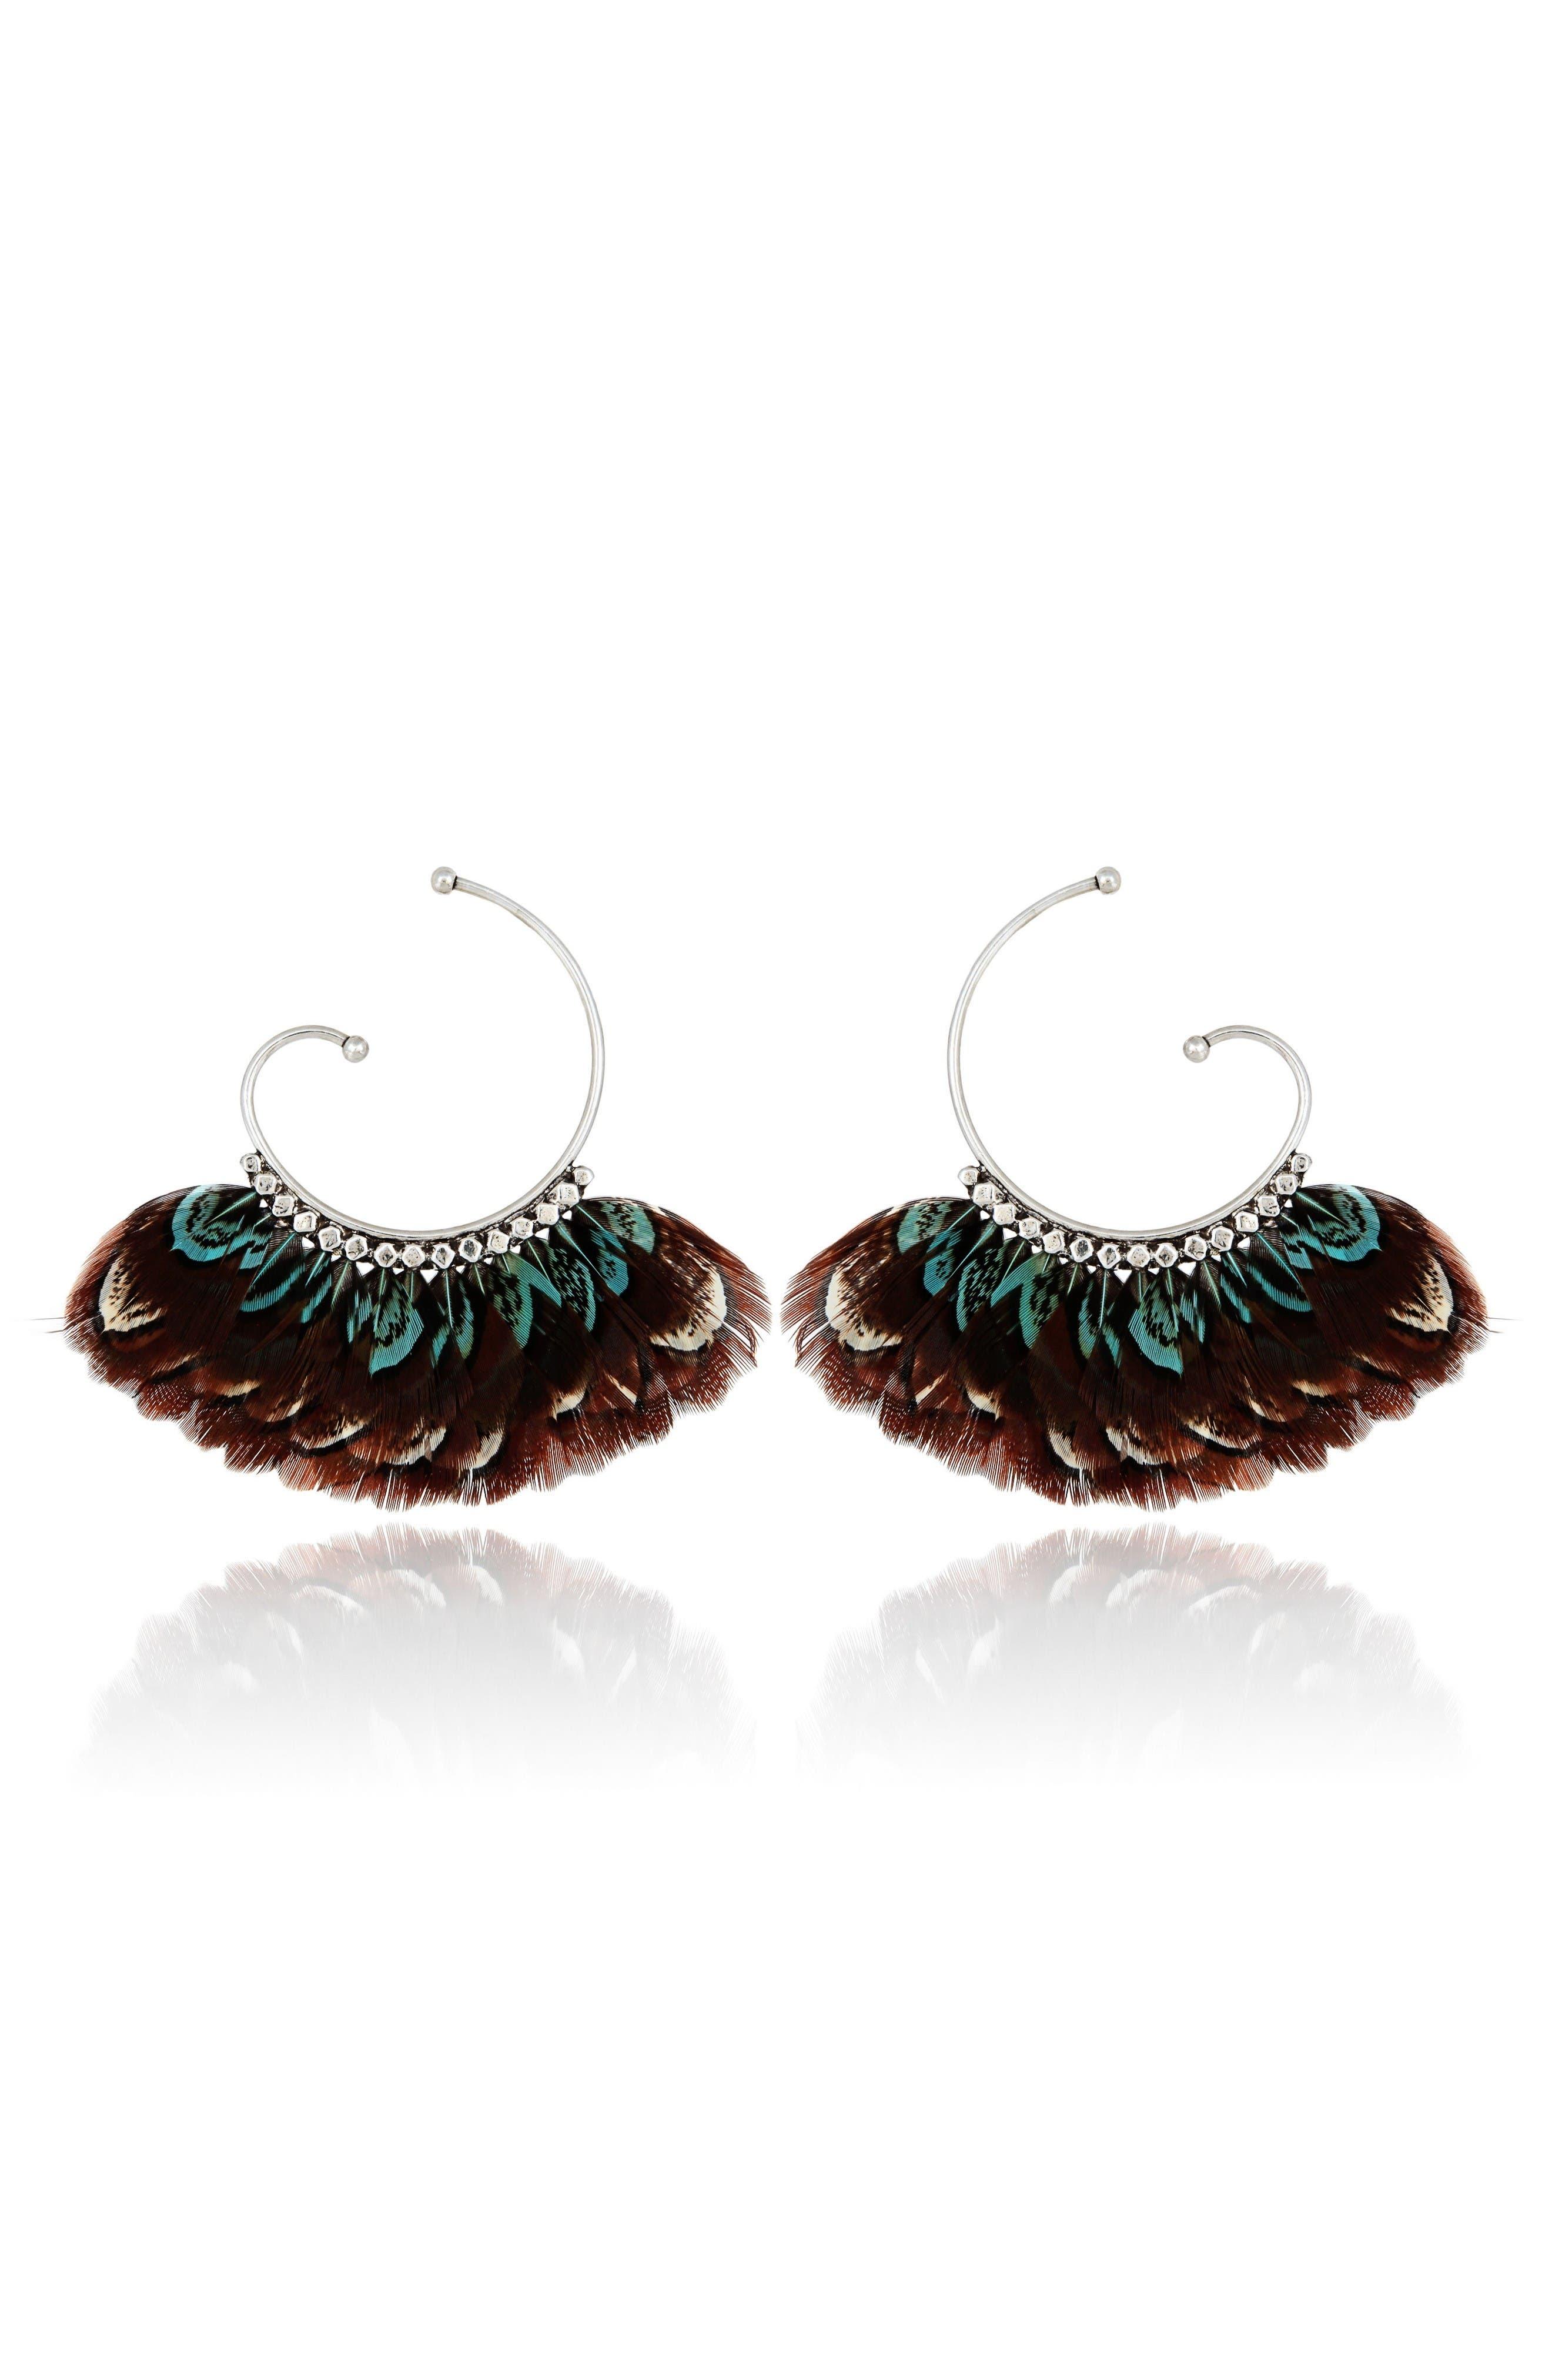 GAS BIJOUX 'Buzios' Feather Earrings